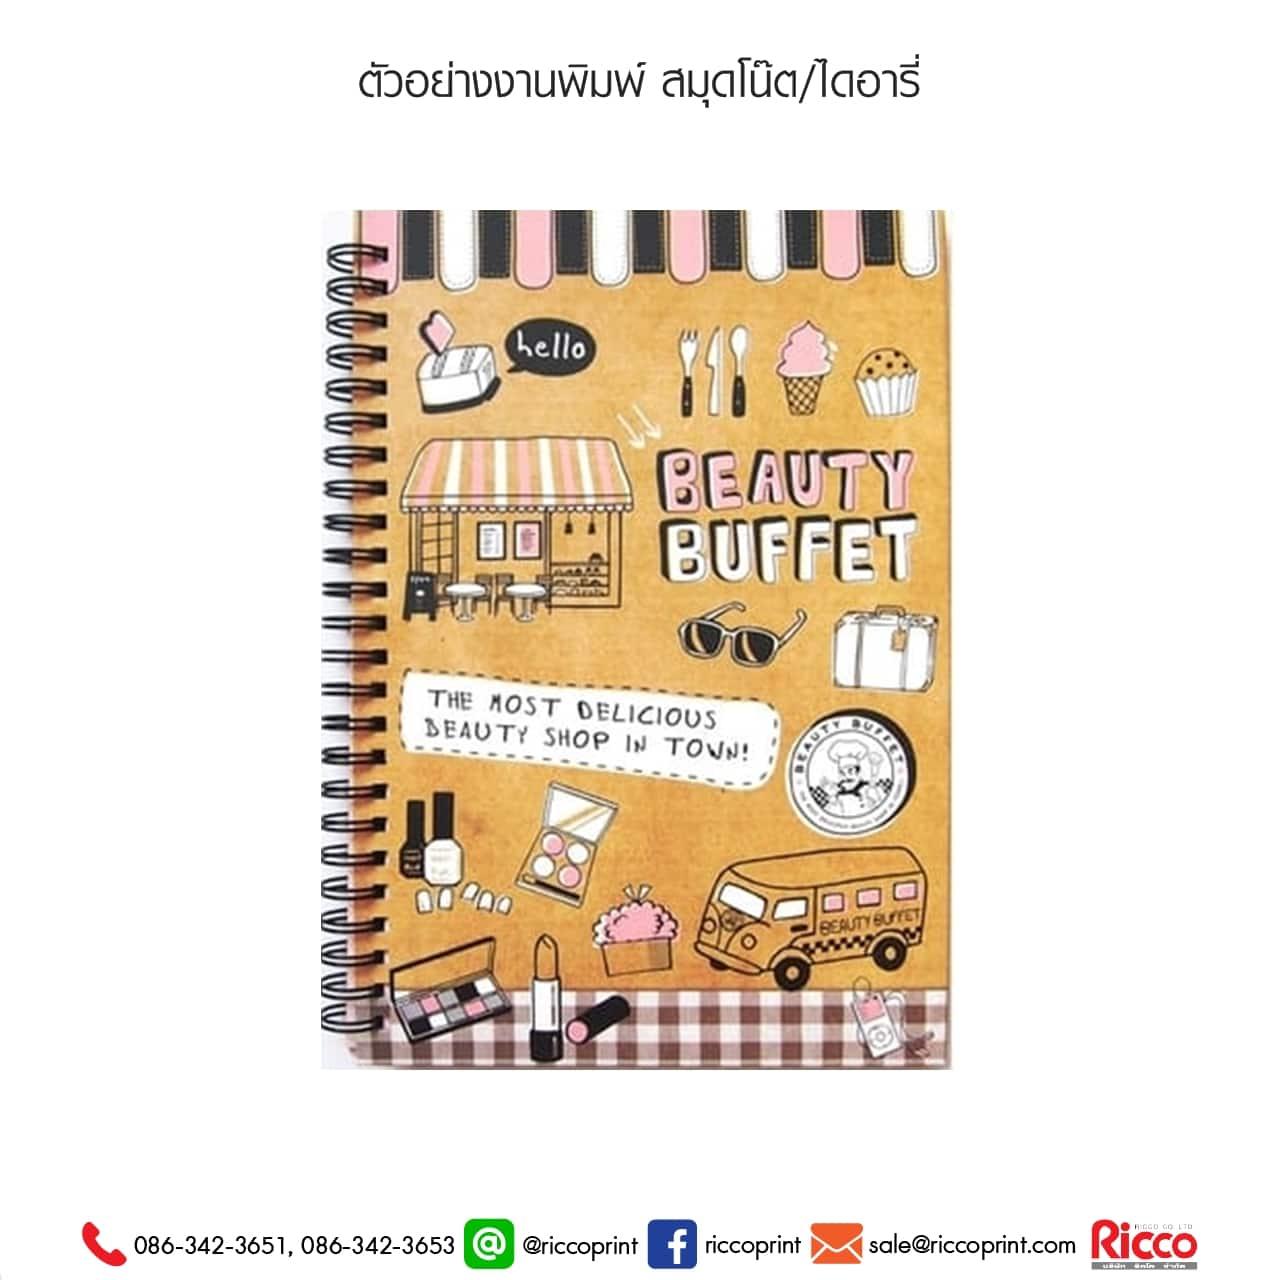 รูป Notebook Diary 01 - ประกอบเนื้อหา สมุดโน้ต ไดอารี่